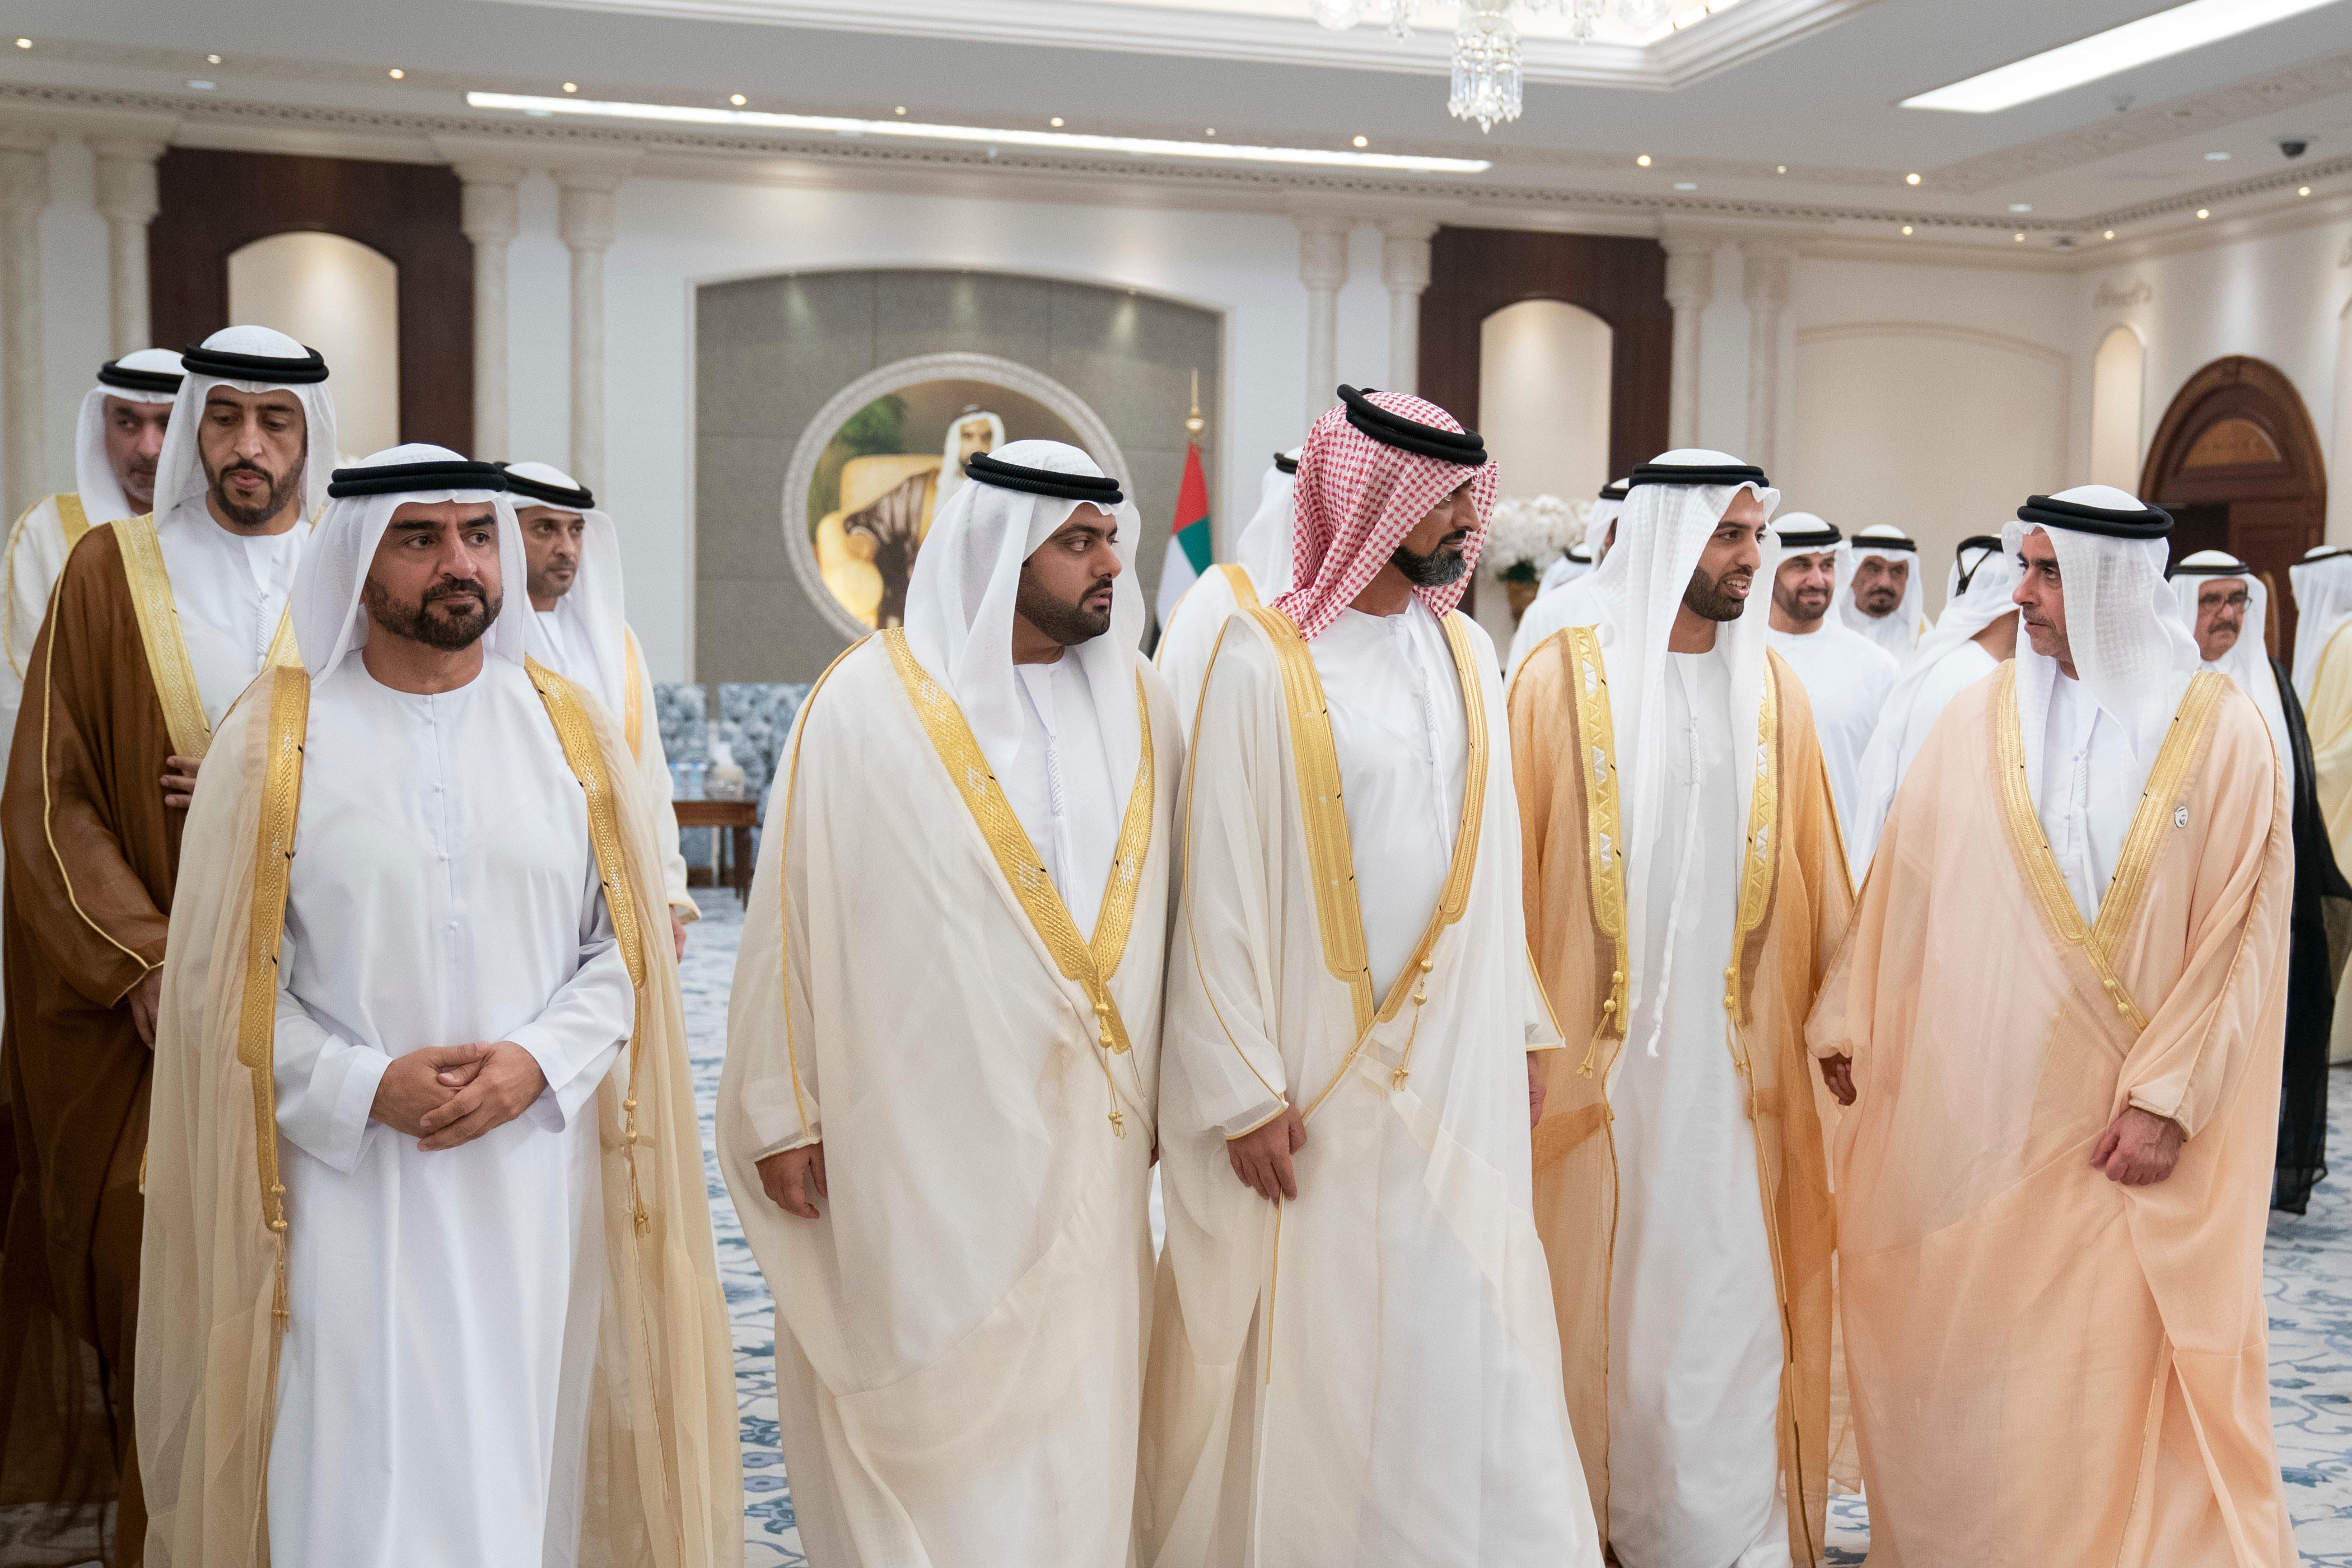 محمد بن زايد يستقبل جموع المهنئين بعيد الفطر المبارك من